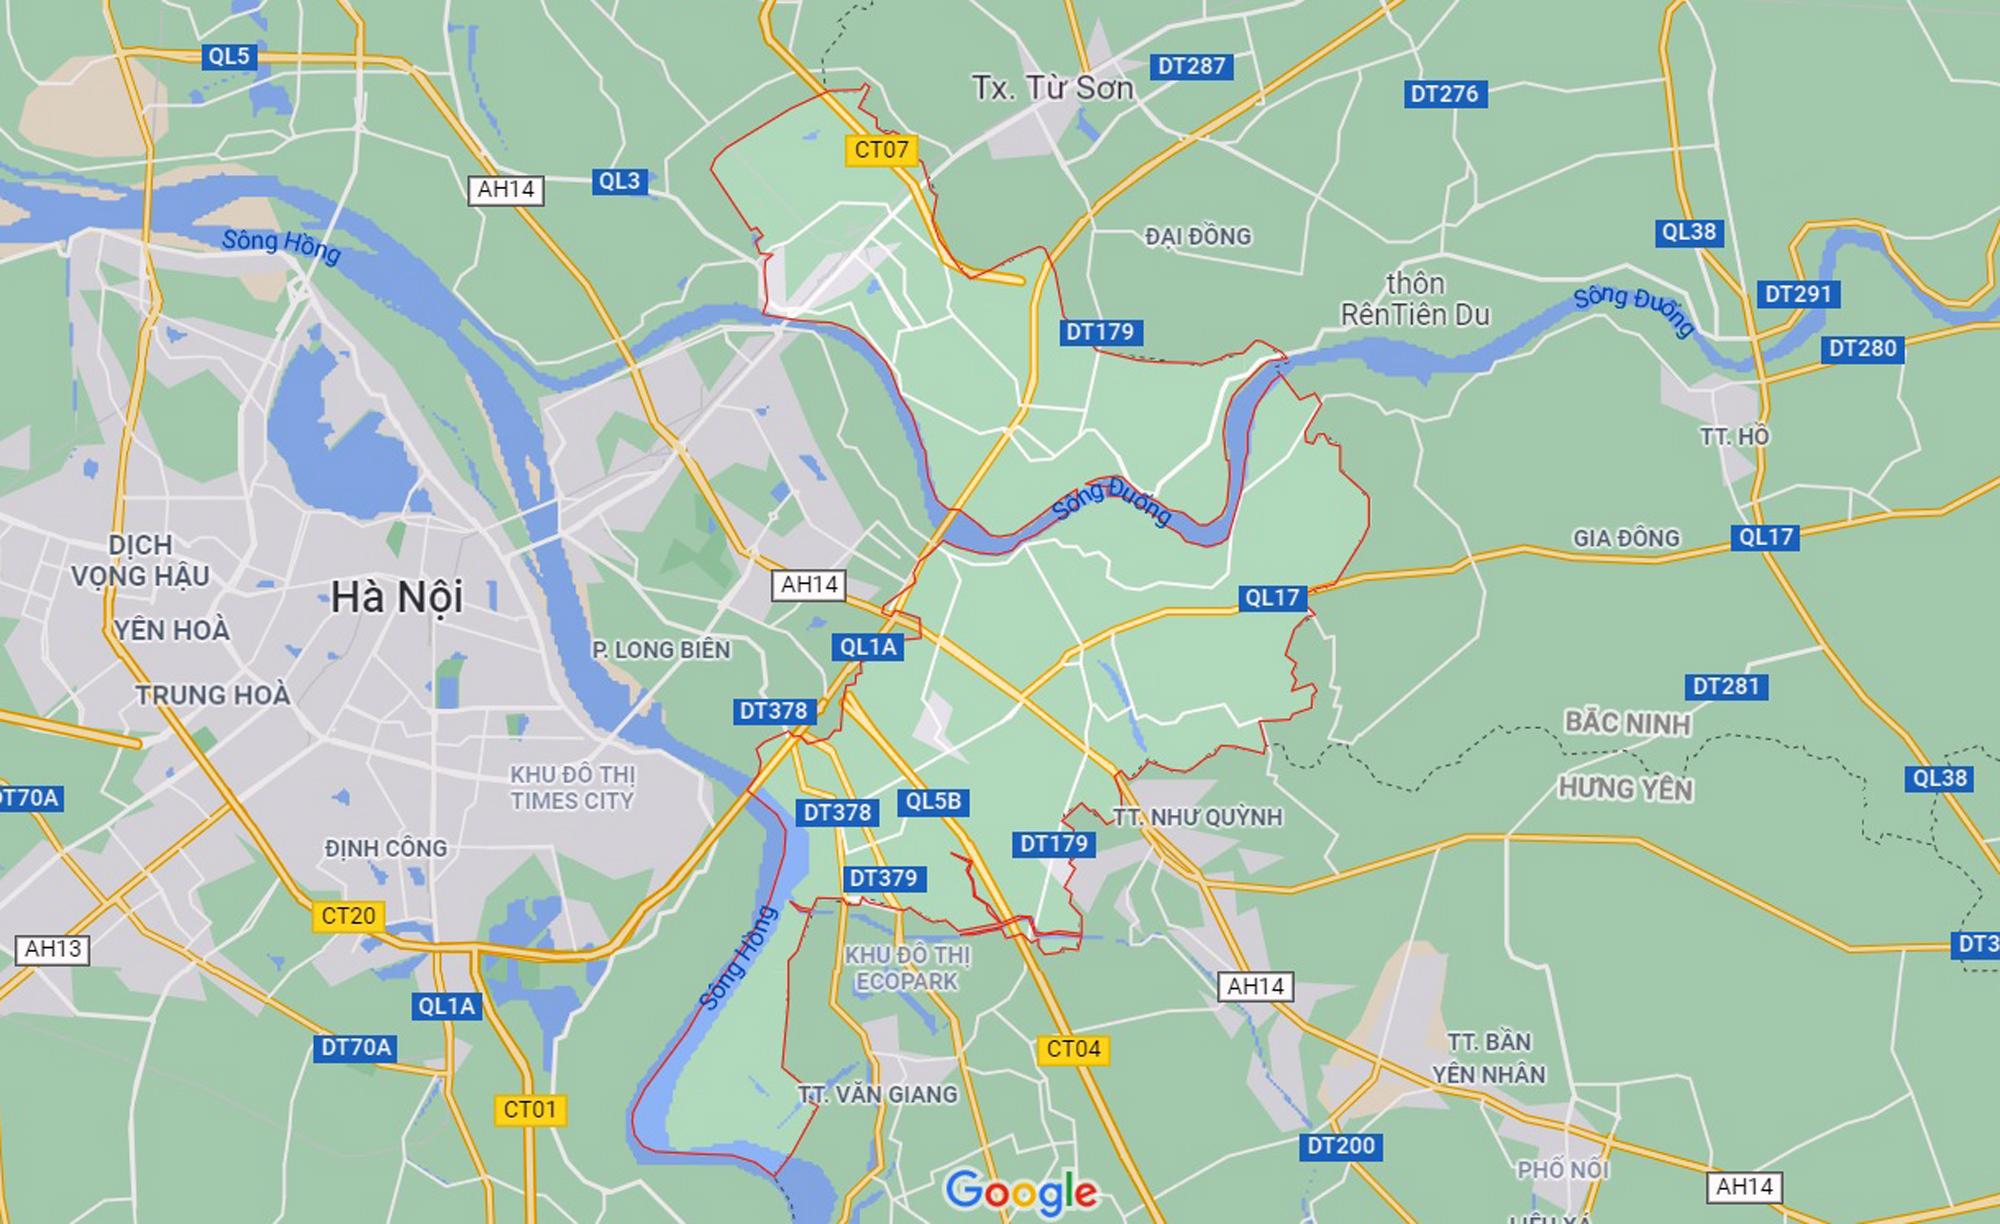 Những khu đất sắp thu hồi để mở đường ở huyện Gia Lâm, Hà Nội (phần 1) - Ảnh 1.